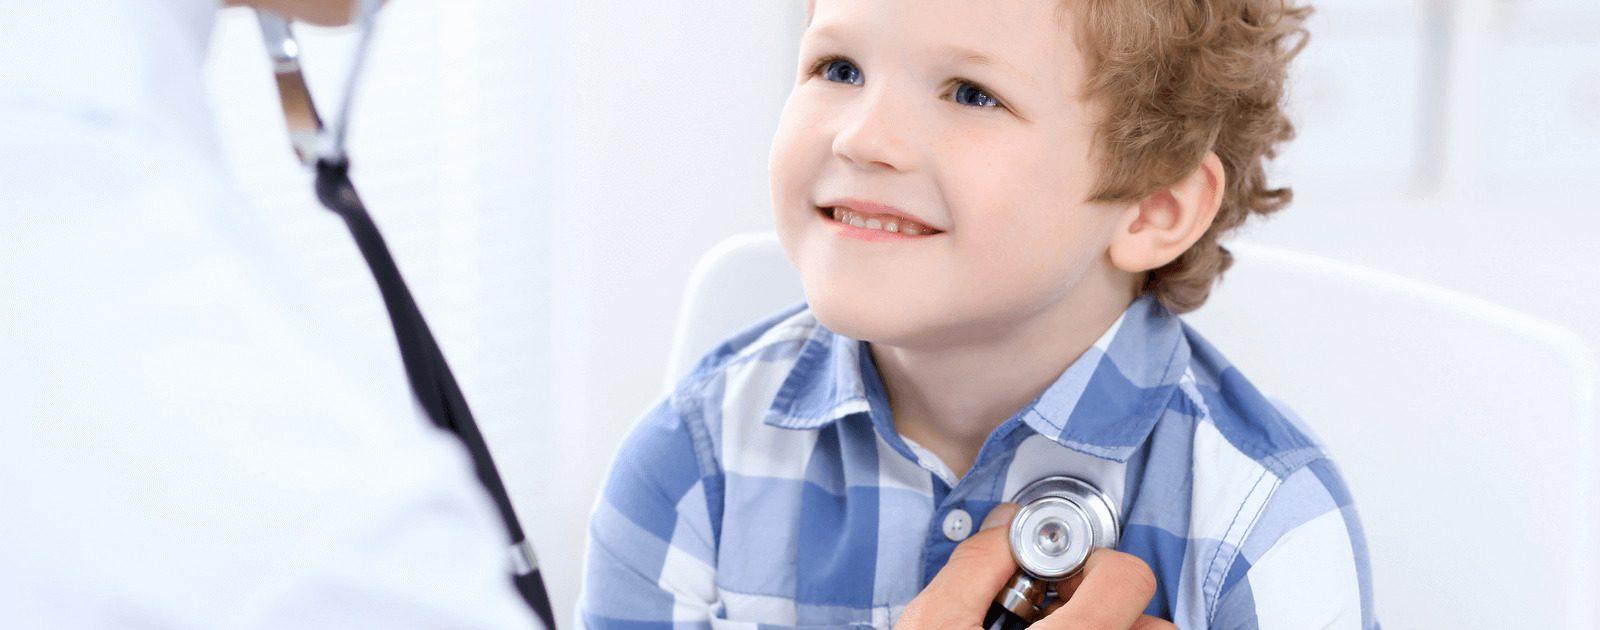 Kind beim Arzt: Bei Babys und Kleinkindern treten Bauchschmerzen häufiger auf